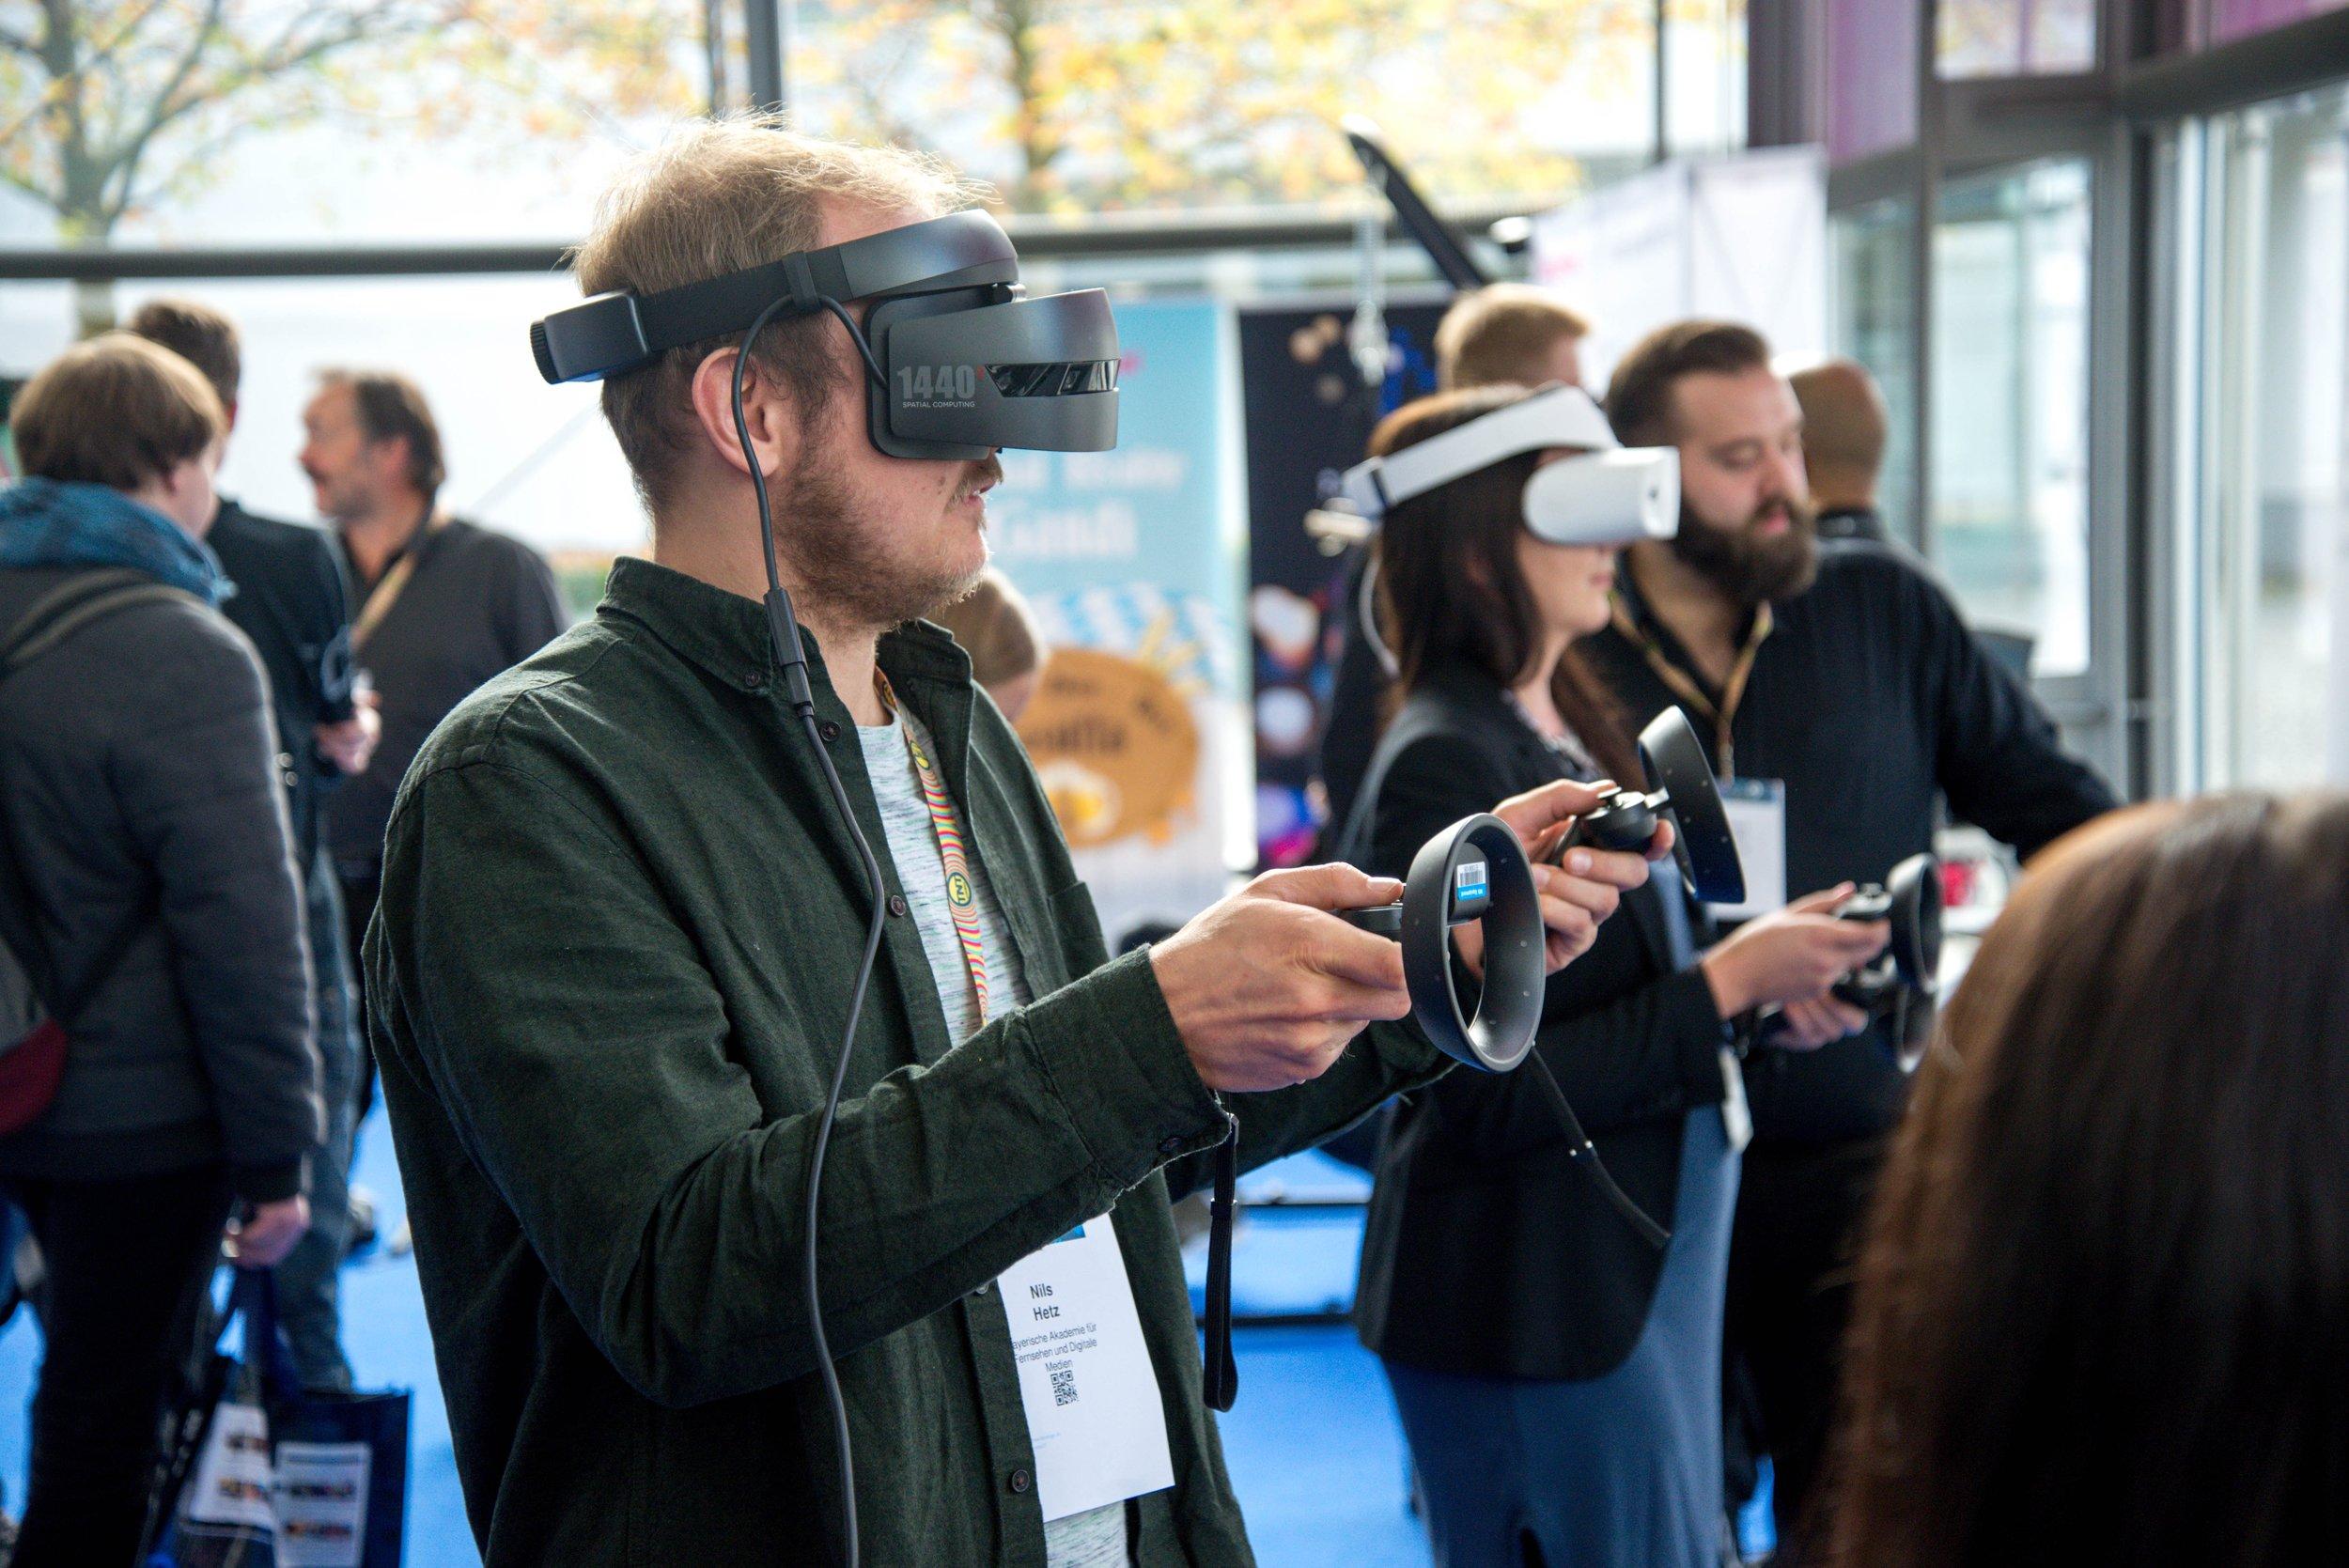 VR-Headset auf einer Messe in Aktion.